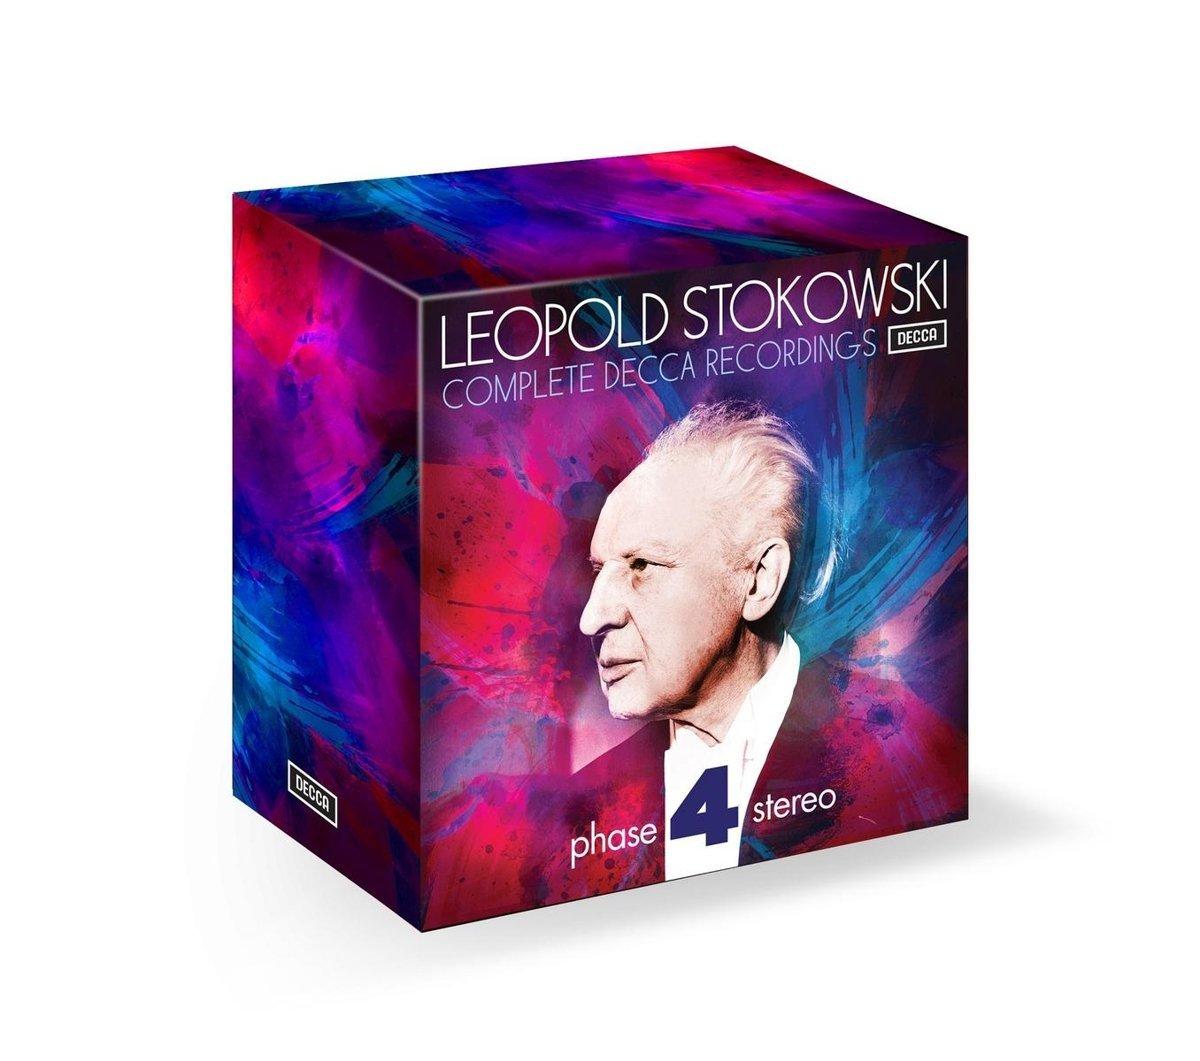 Leopold Stokowski: The Complete Decca Recordings